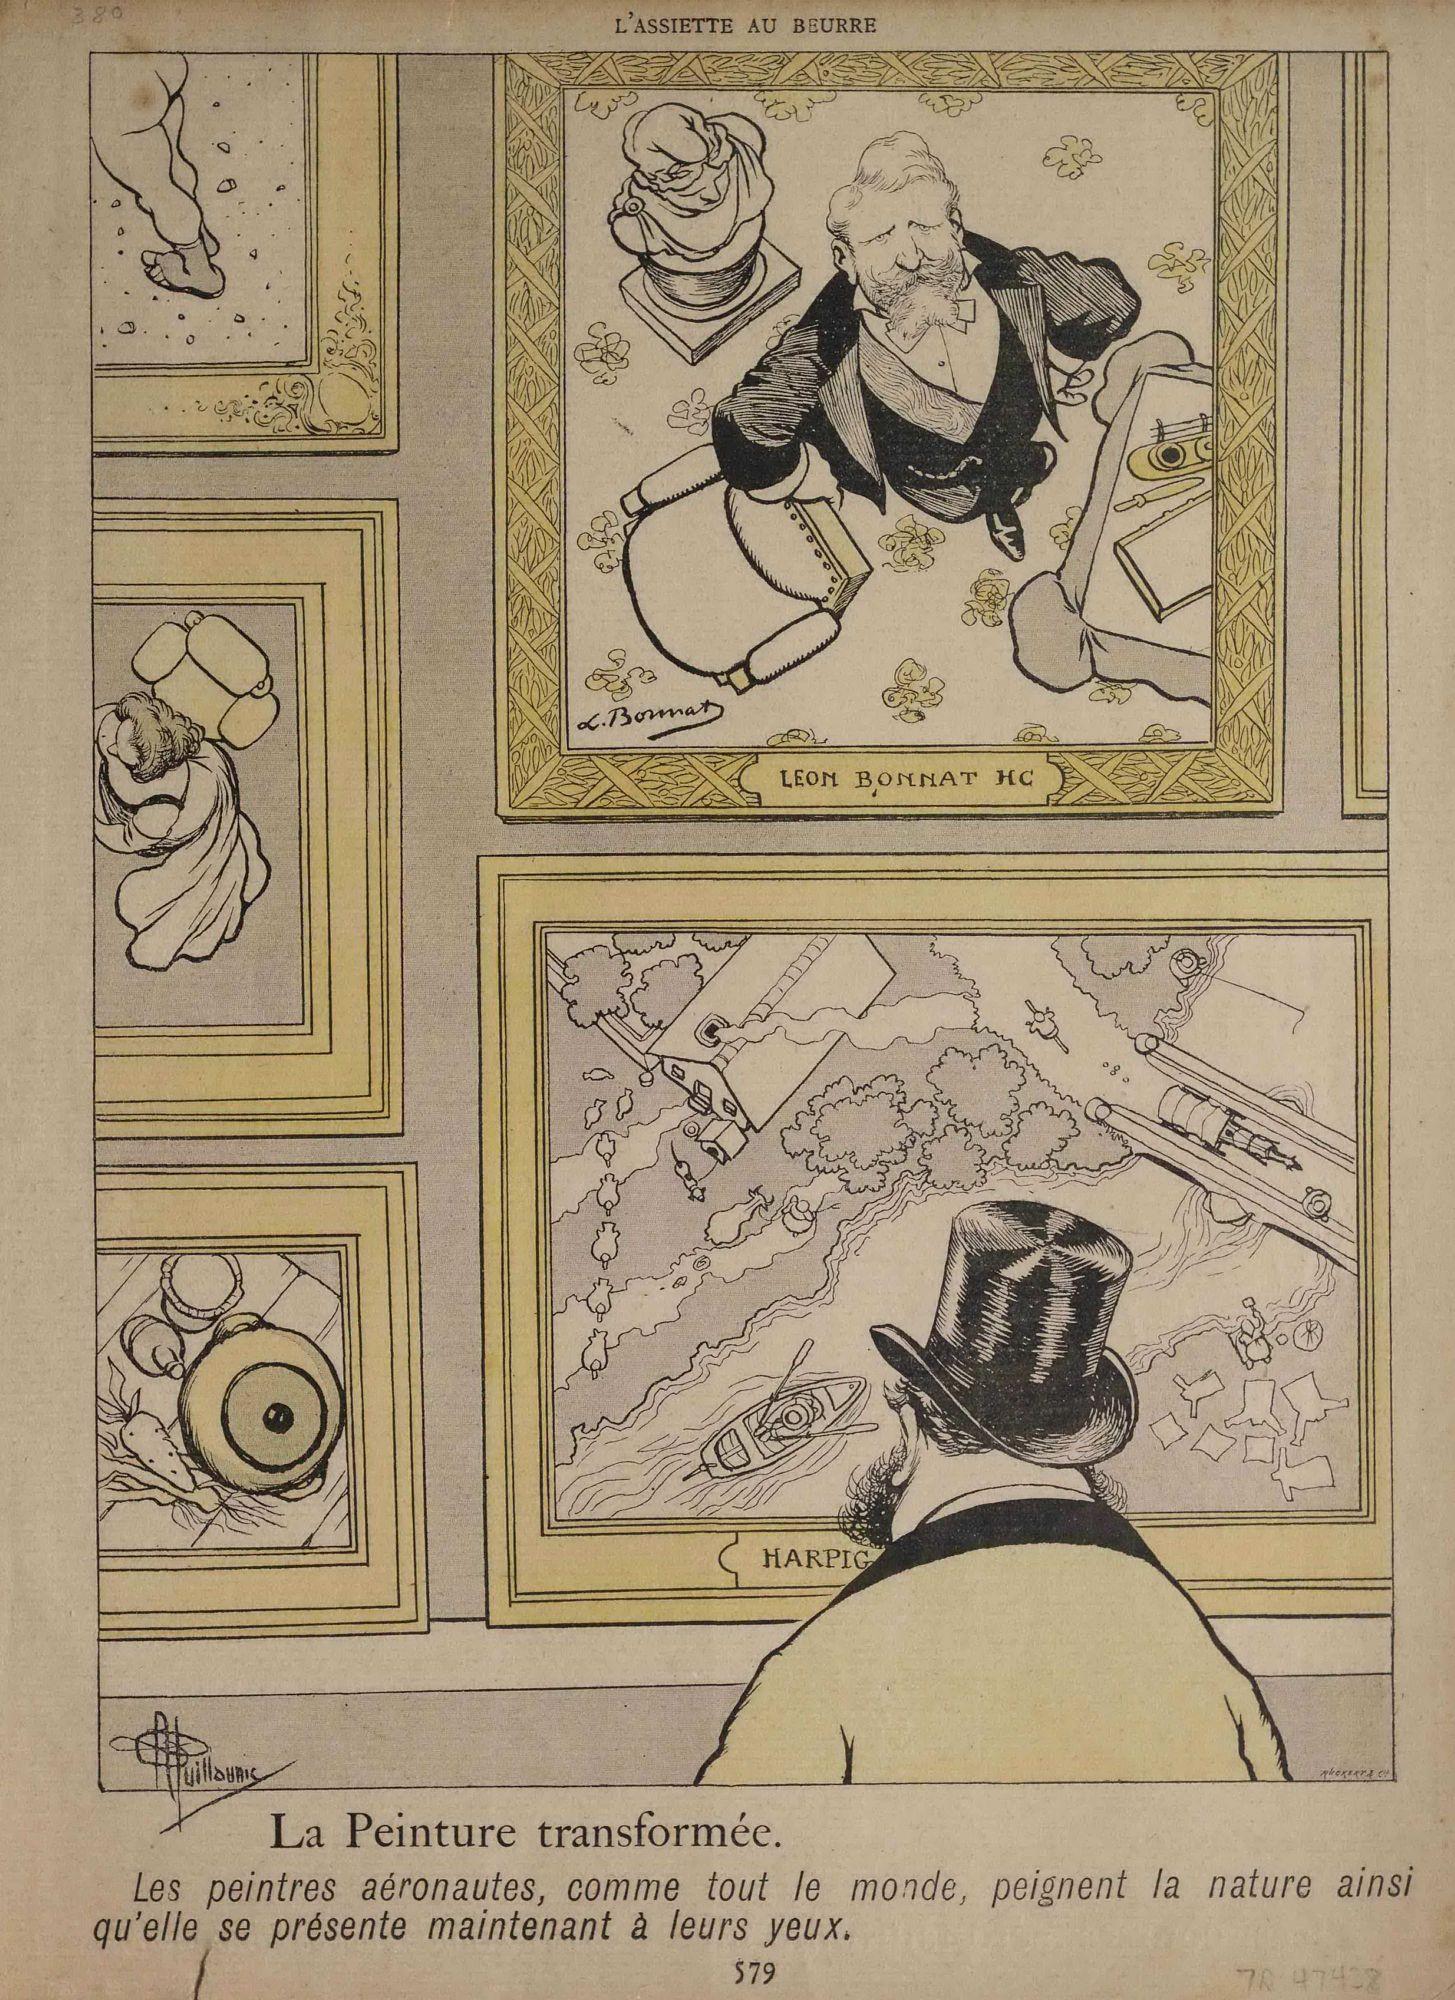 """""""La Peinture transformée. Les peintres aéronautes, comme tout le monde, peignent la nature ainsi qu'elle se présente maintenant à leurs yeux."""" Man in art gallery looking at 'balloon-view' paintings"""